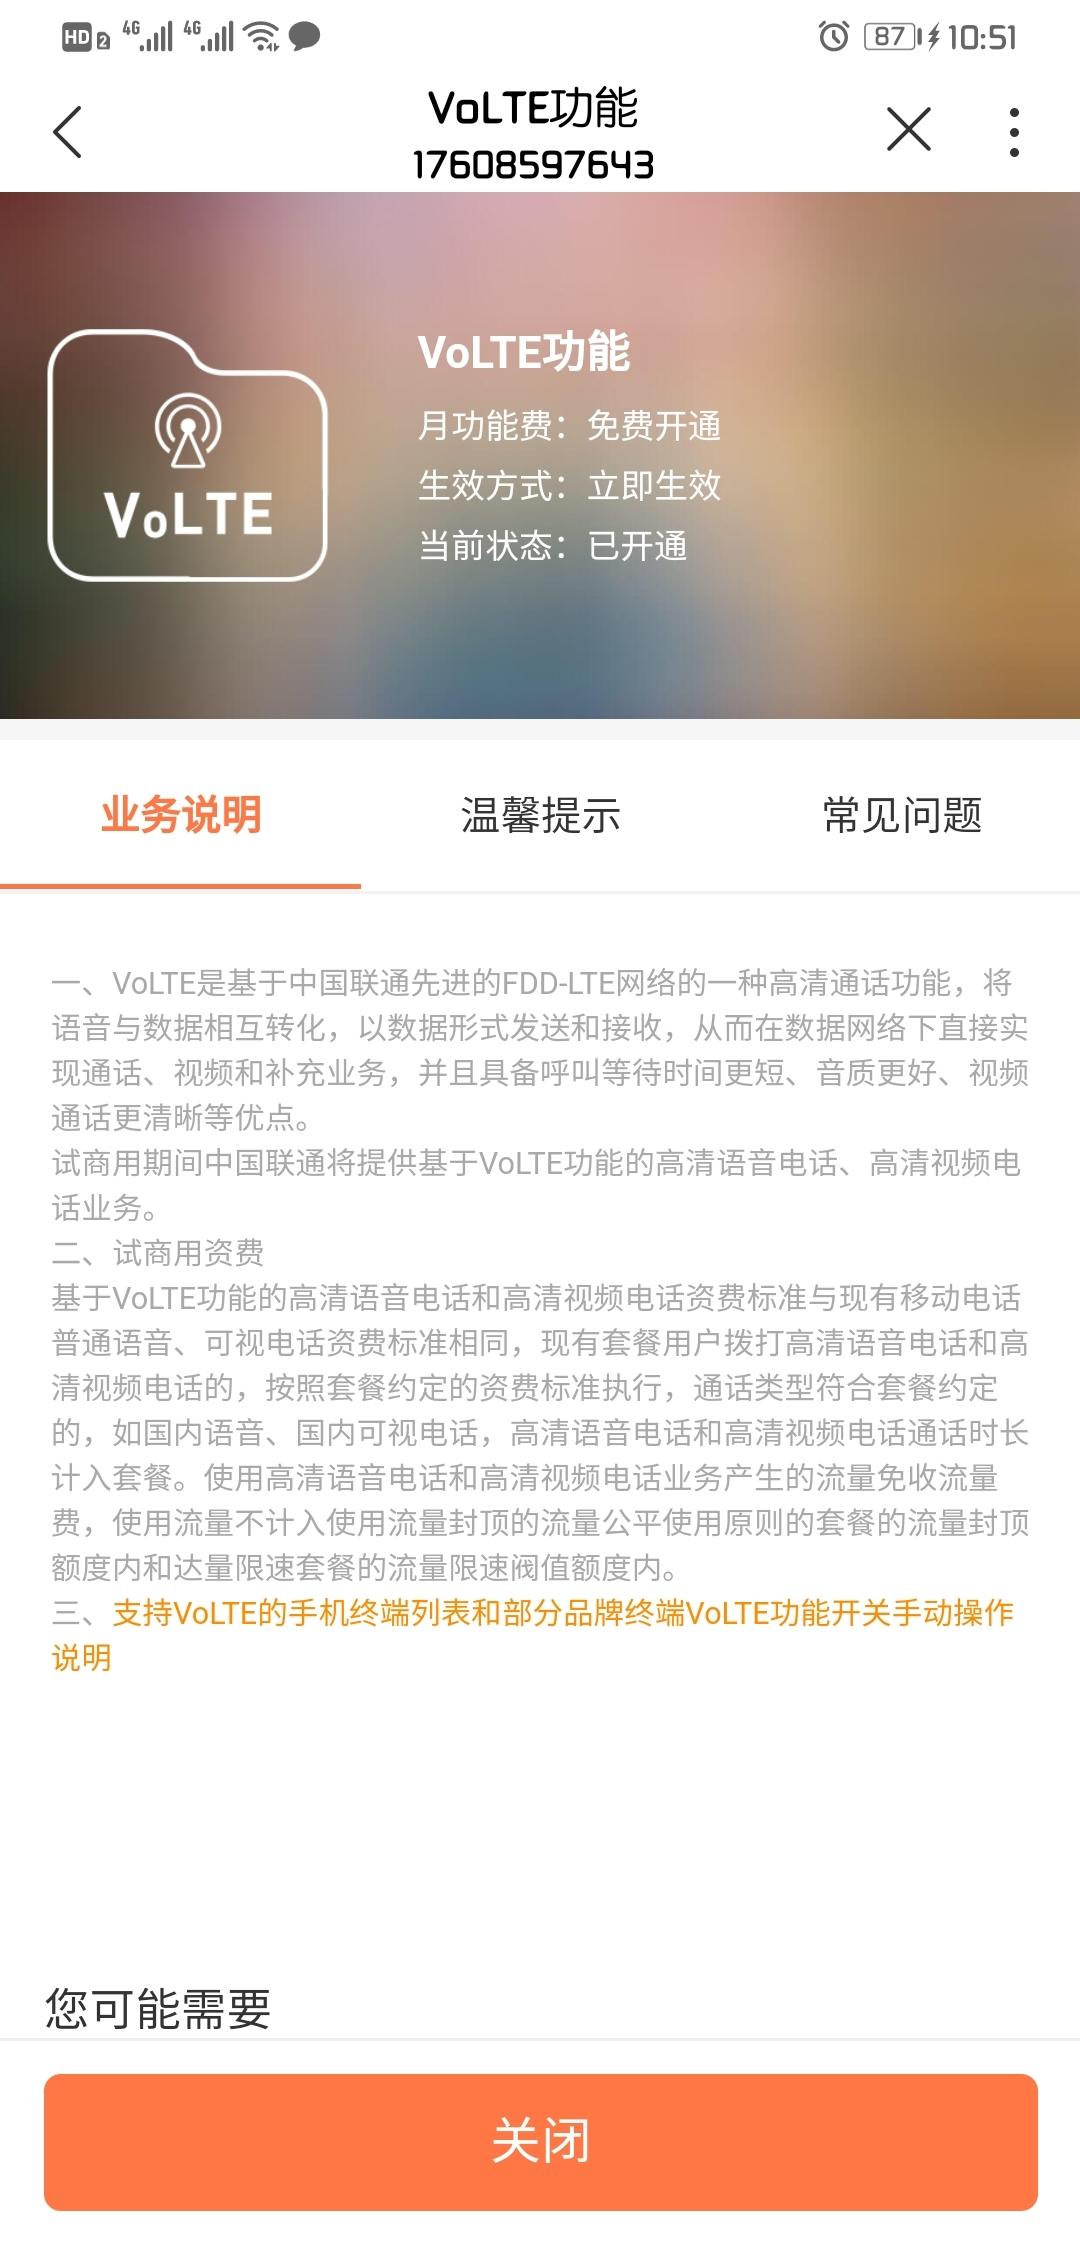 Screenshot_20200511_105109_com.sinovatech.unicom.ui.jpg